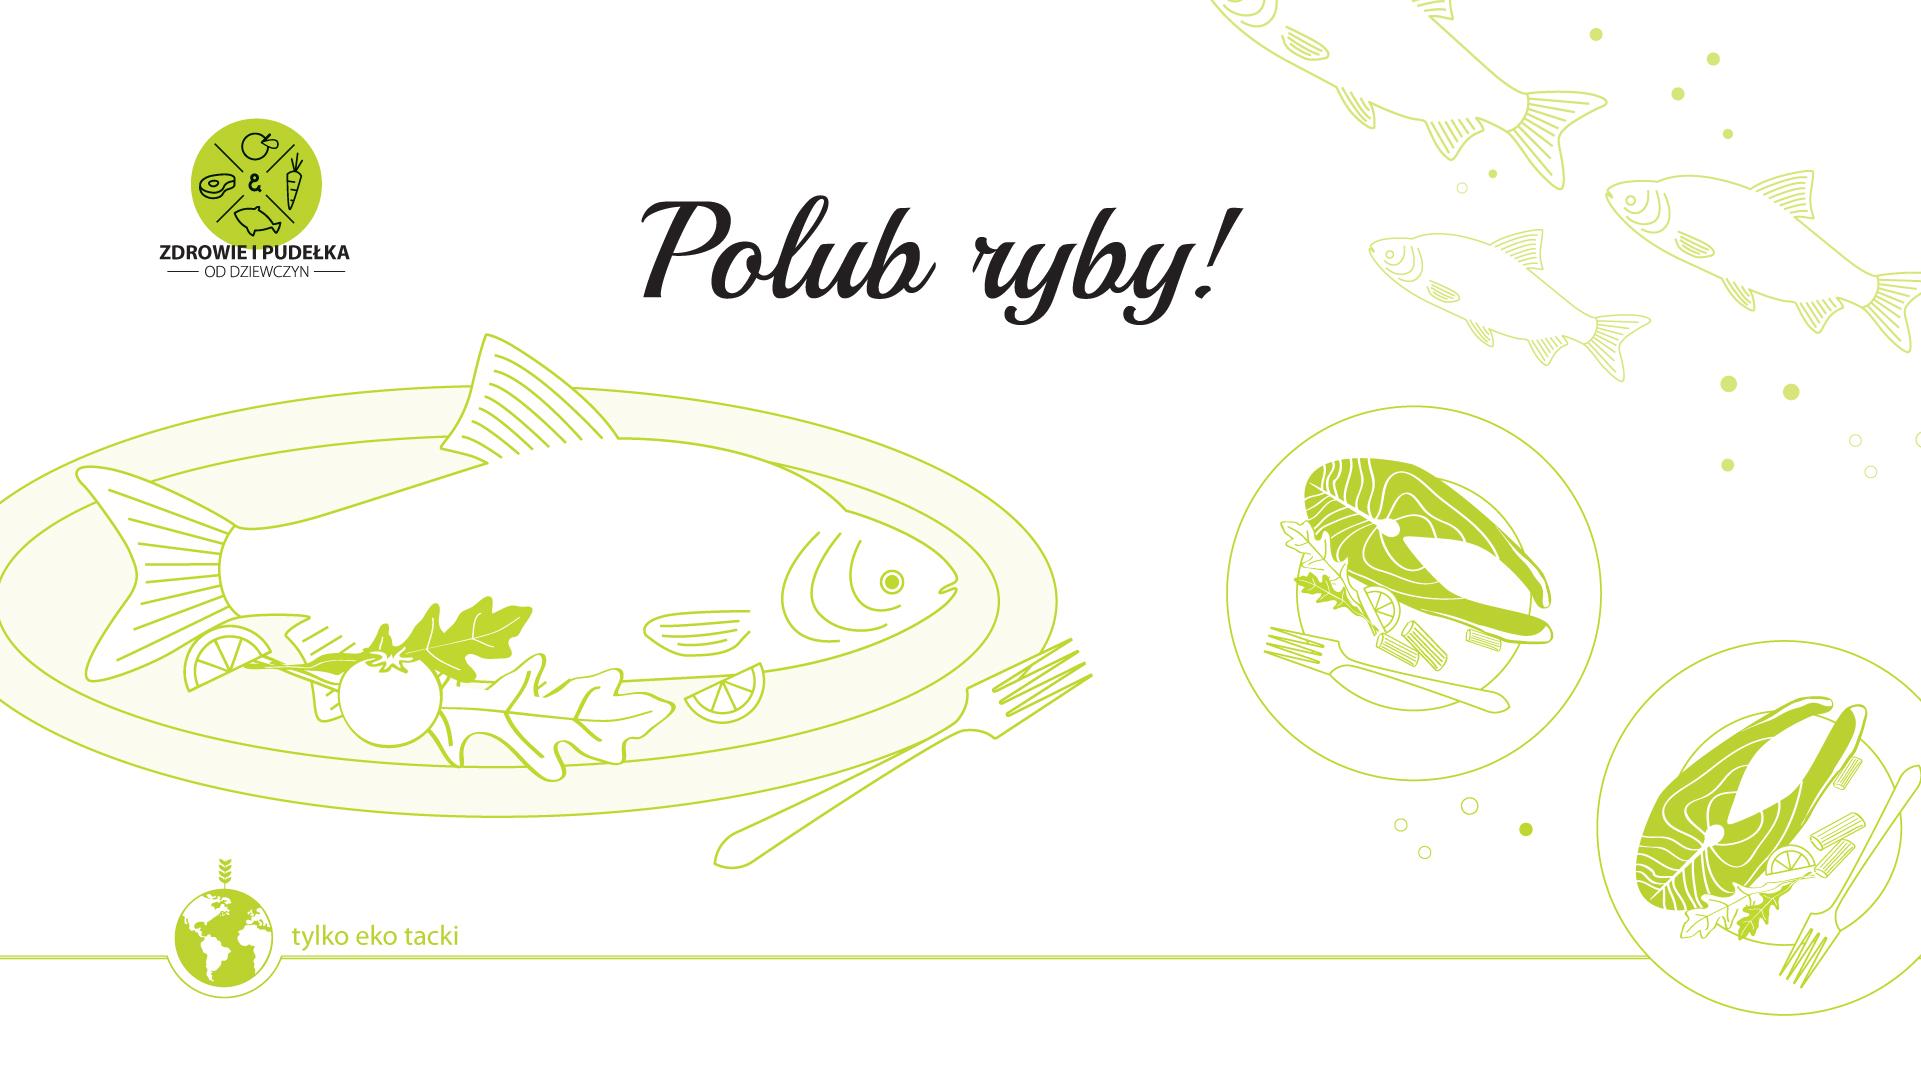 Polub ryby